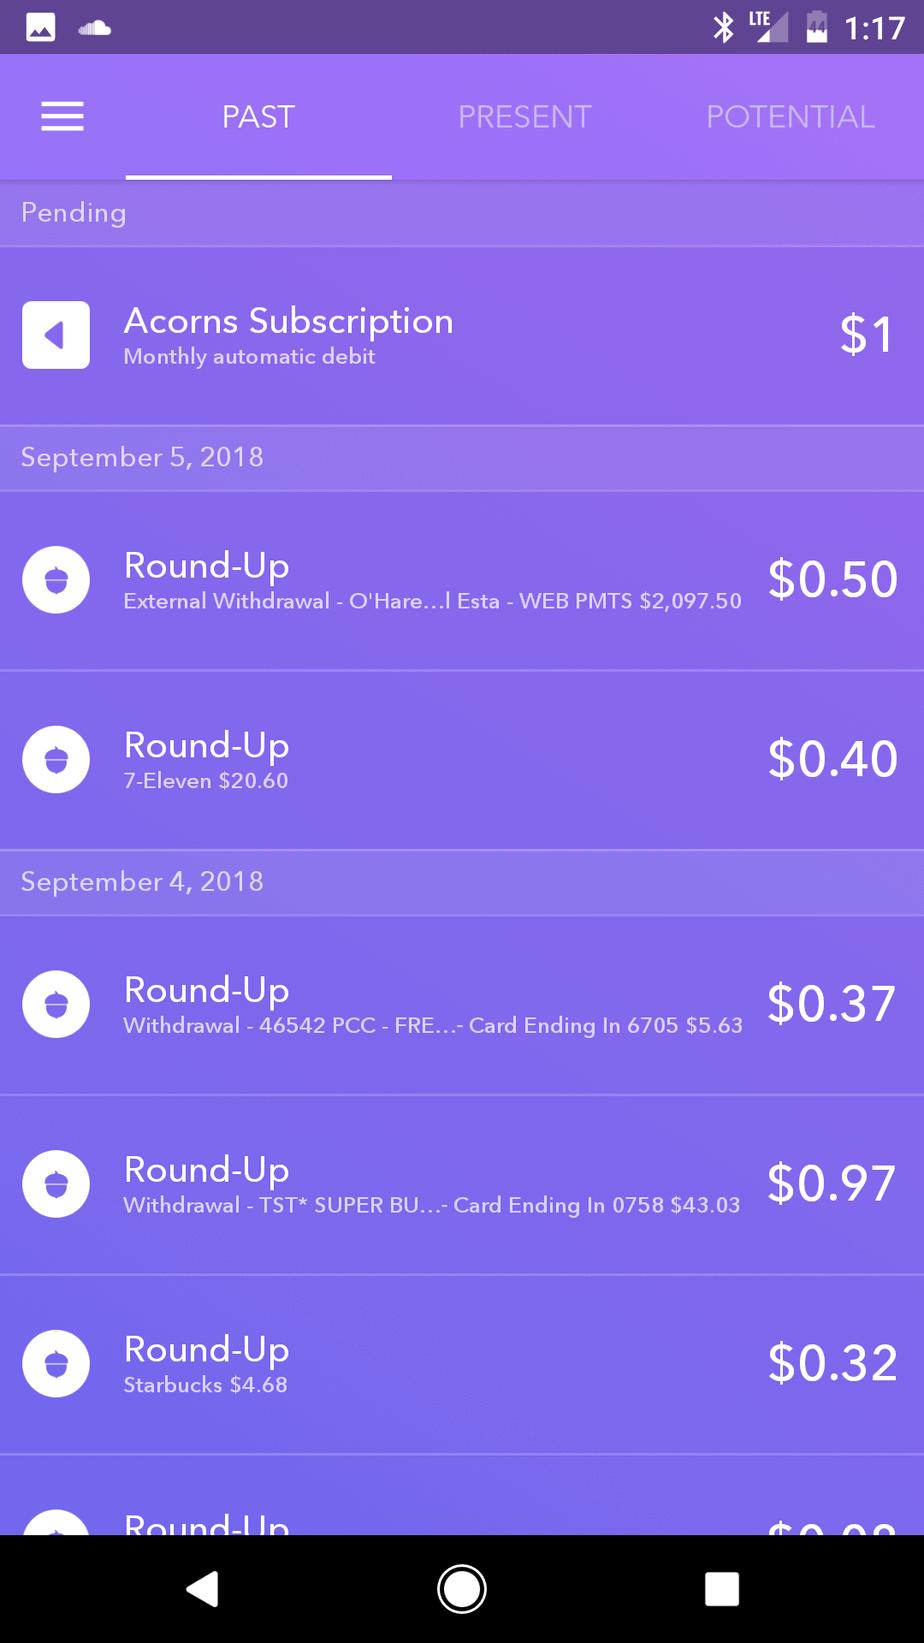 Investing app Acorns